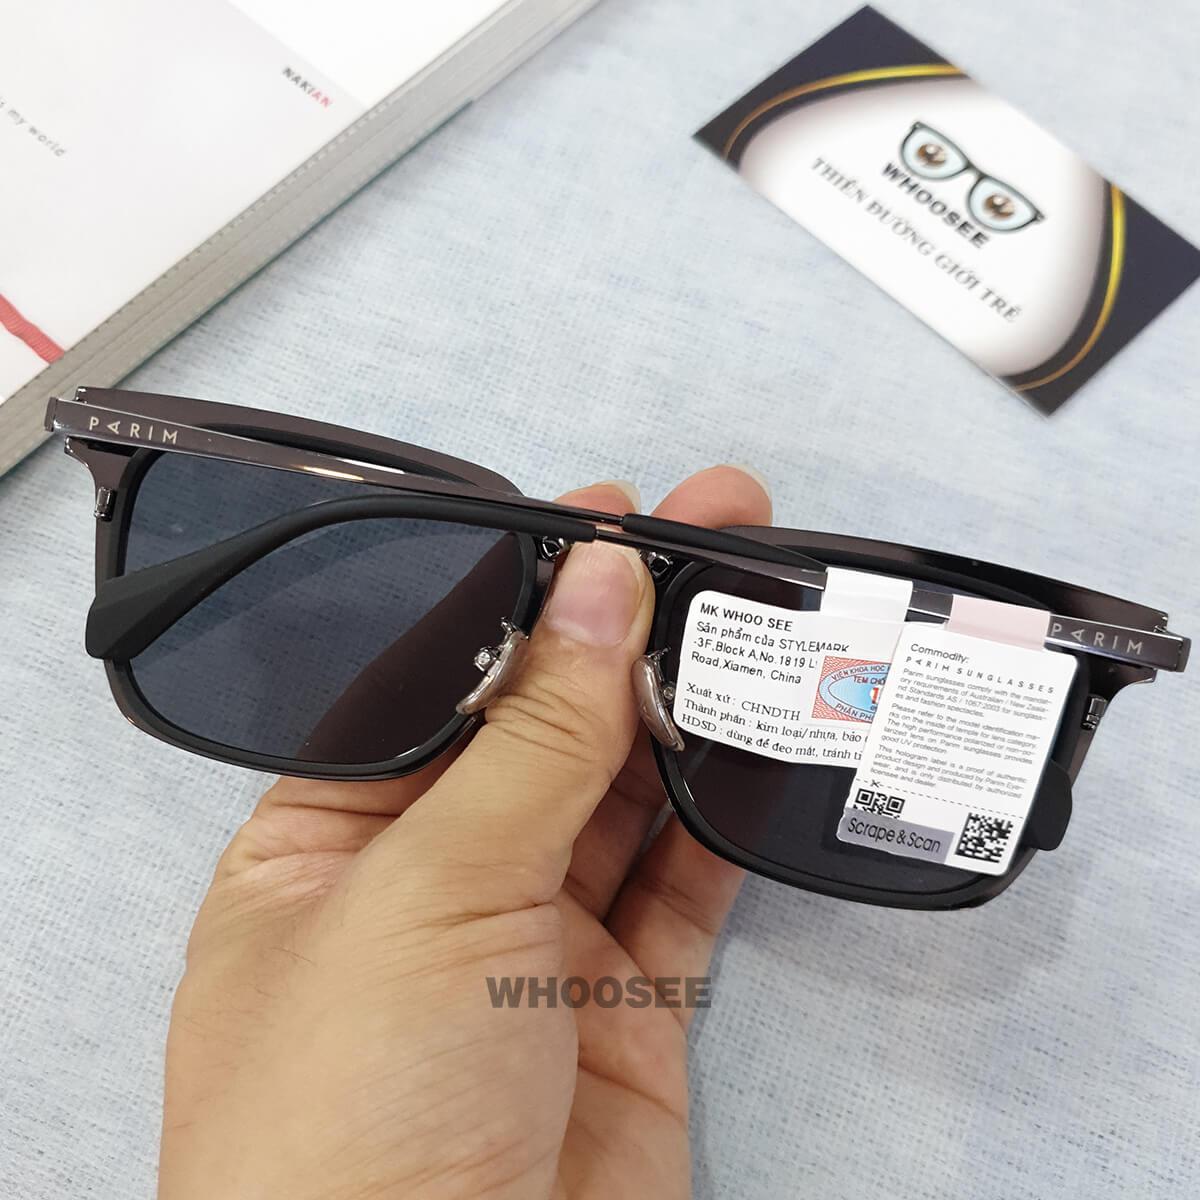 kính mát thời trang nam pr72401 b2 parim